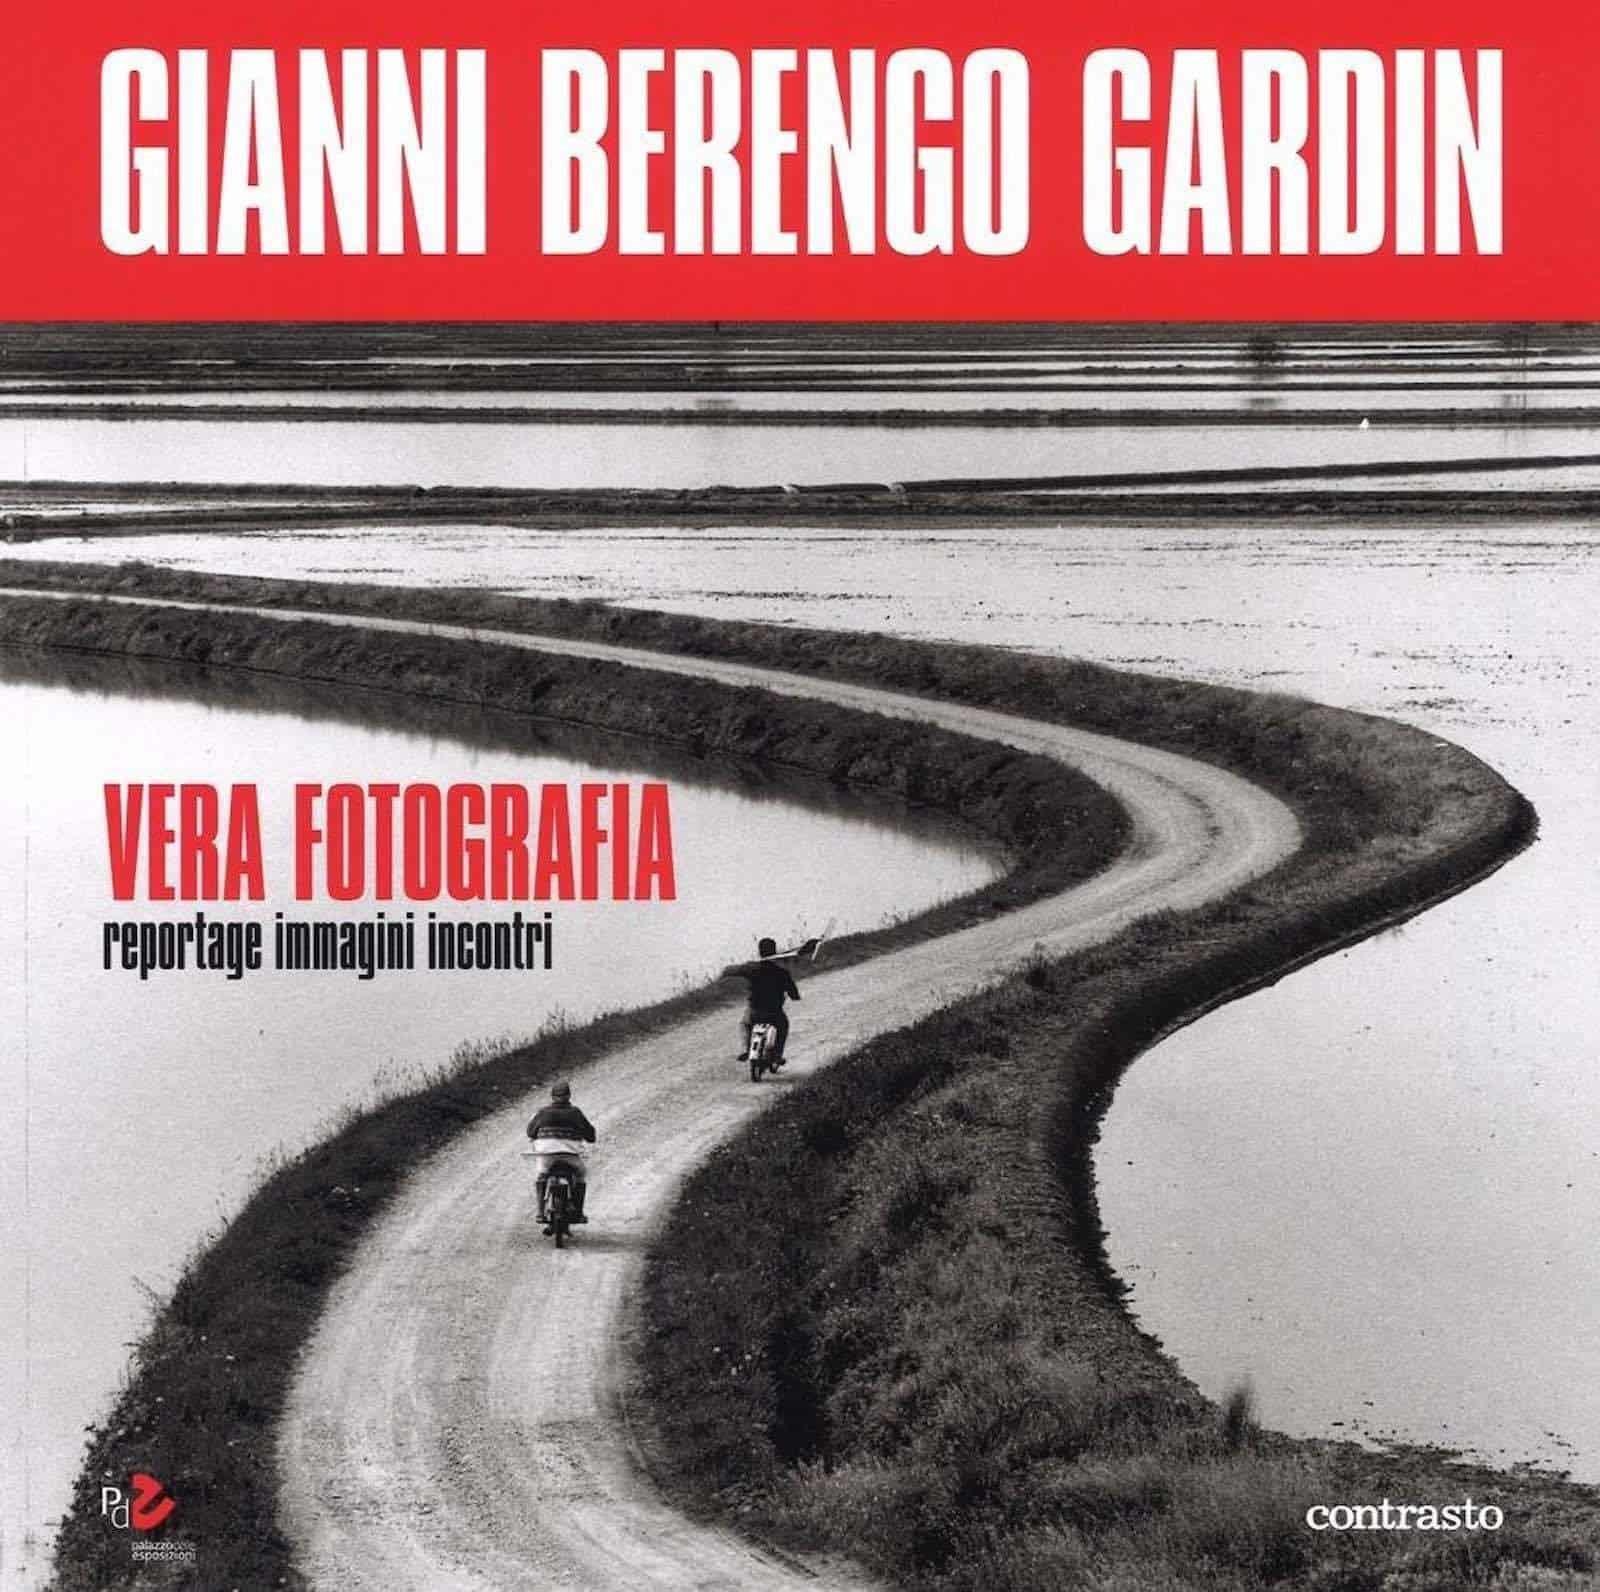 Libri Gianni Berengo Gardin - vera fotografia